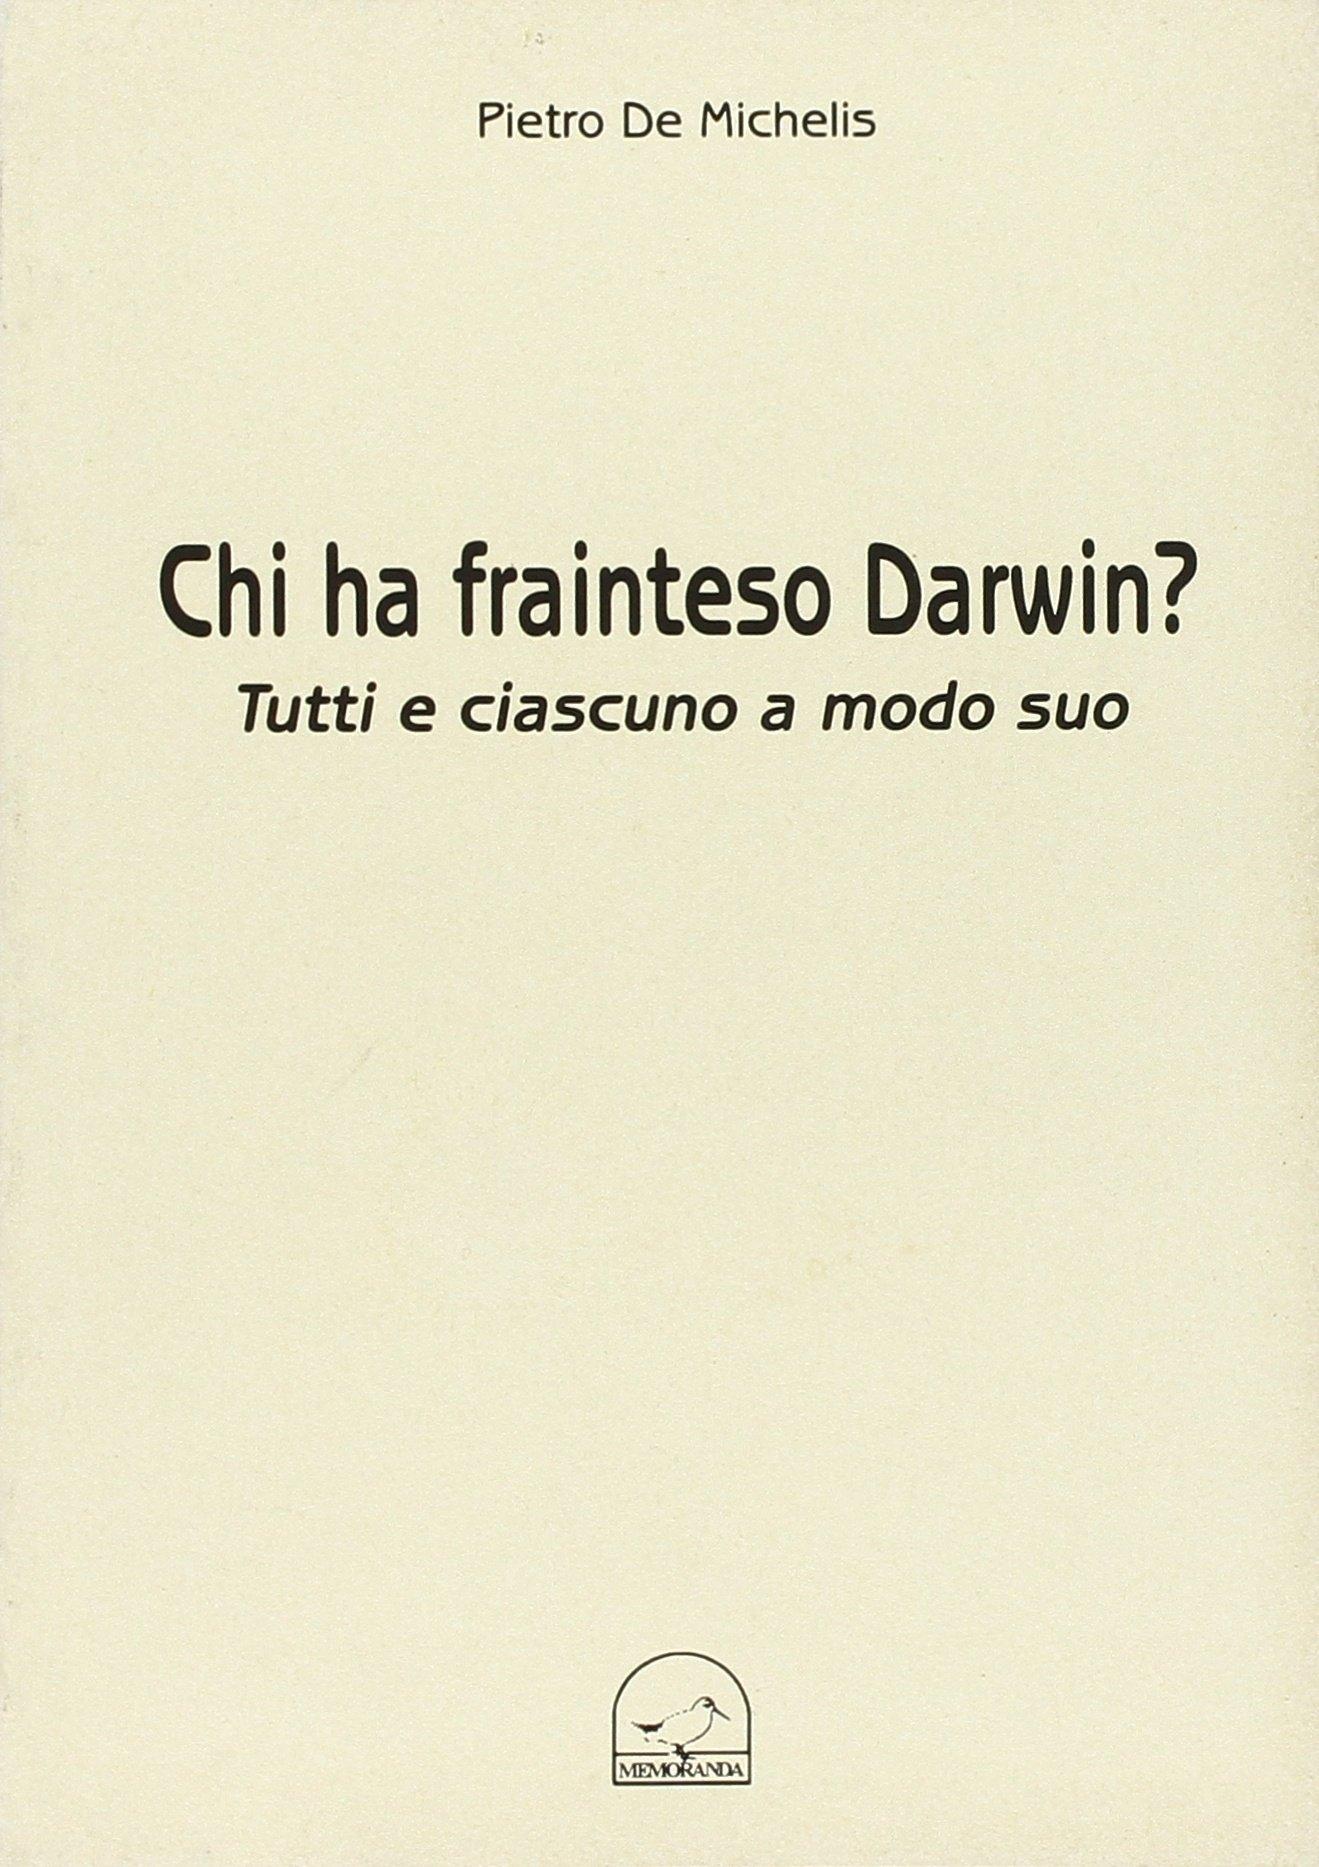 Chi ha frainteso Darwin? Tutti e ciascuno a modo suo.